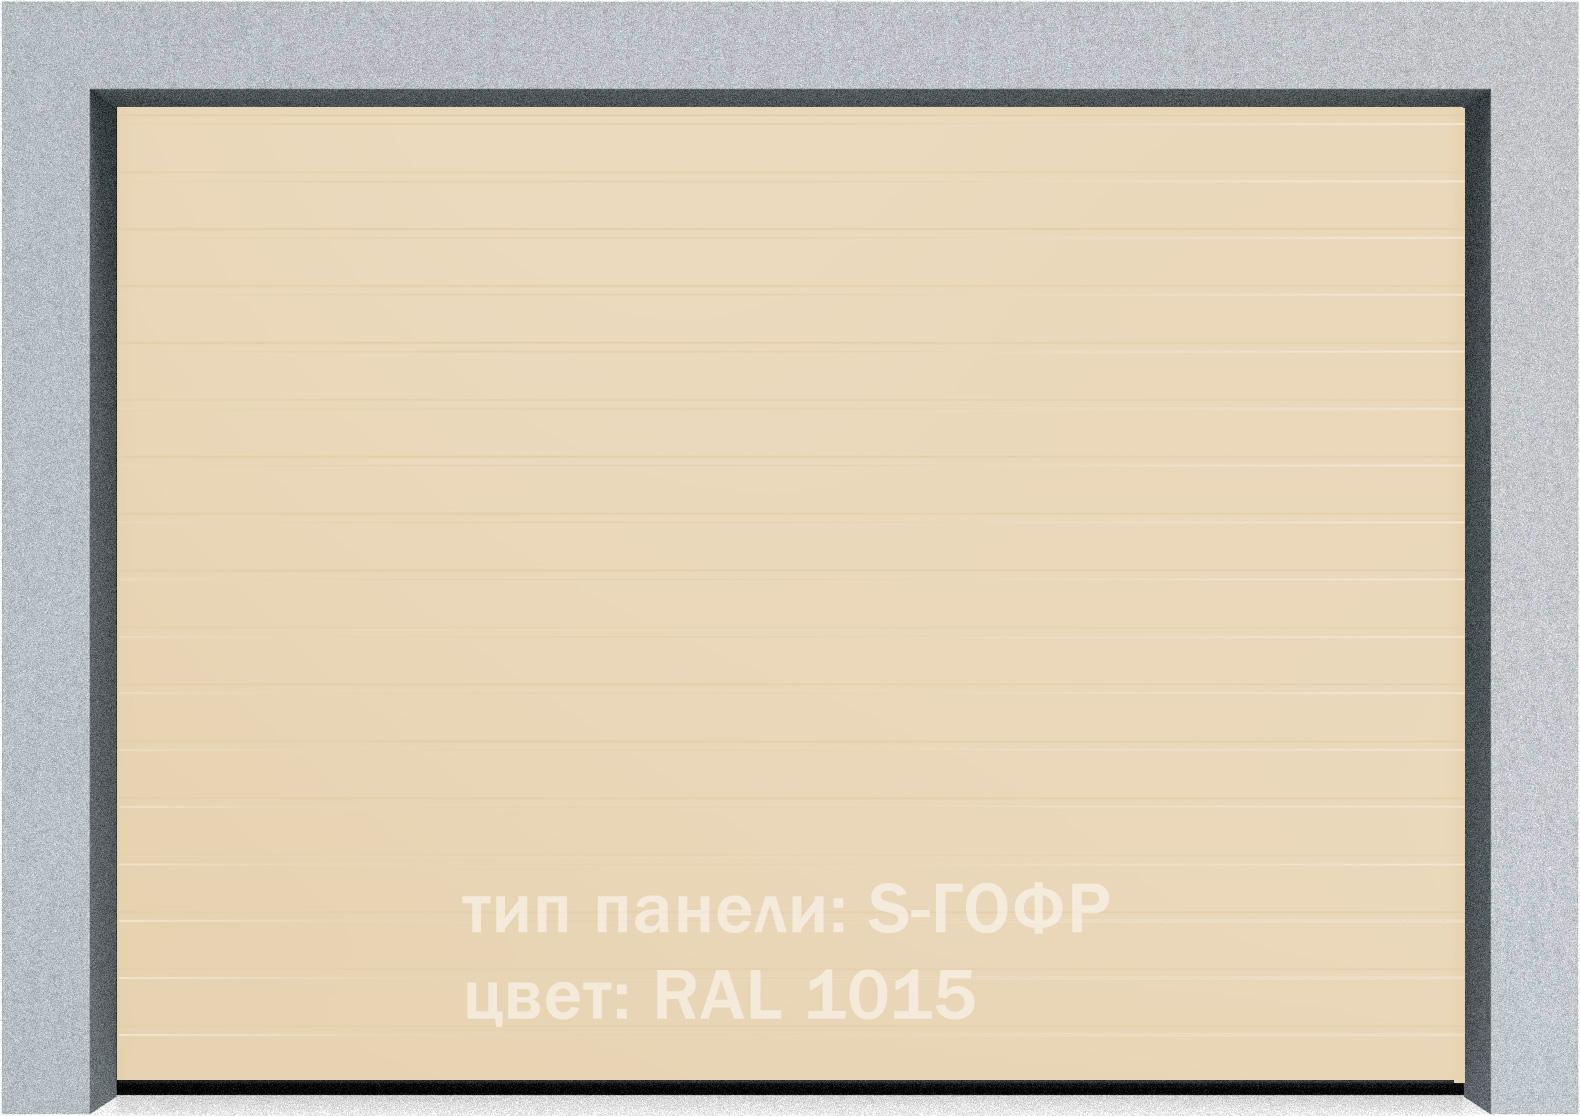 Секционные промышленные ворота Alutech ProTrend 2500х2000 S-гофр, Микроволна стандартные цвета, фото 4